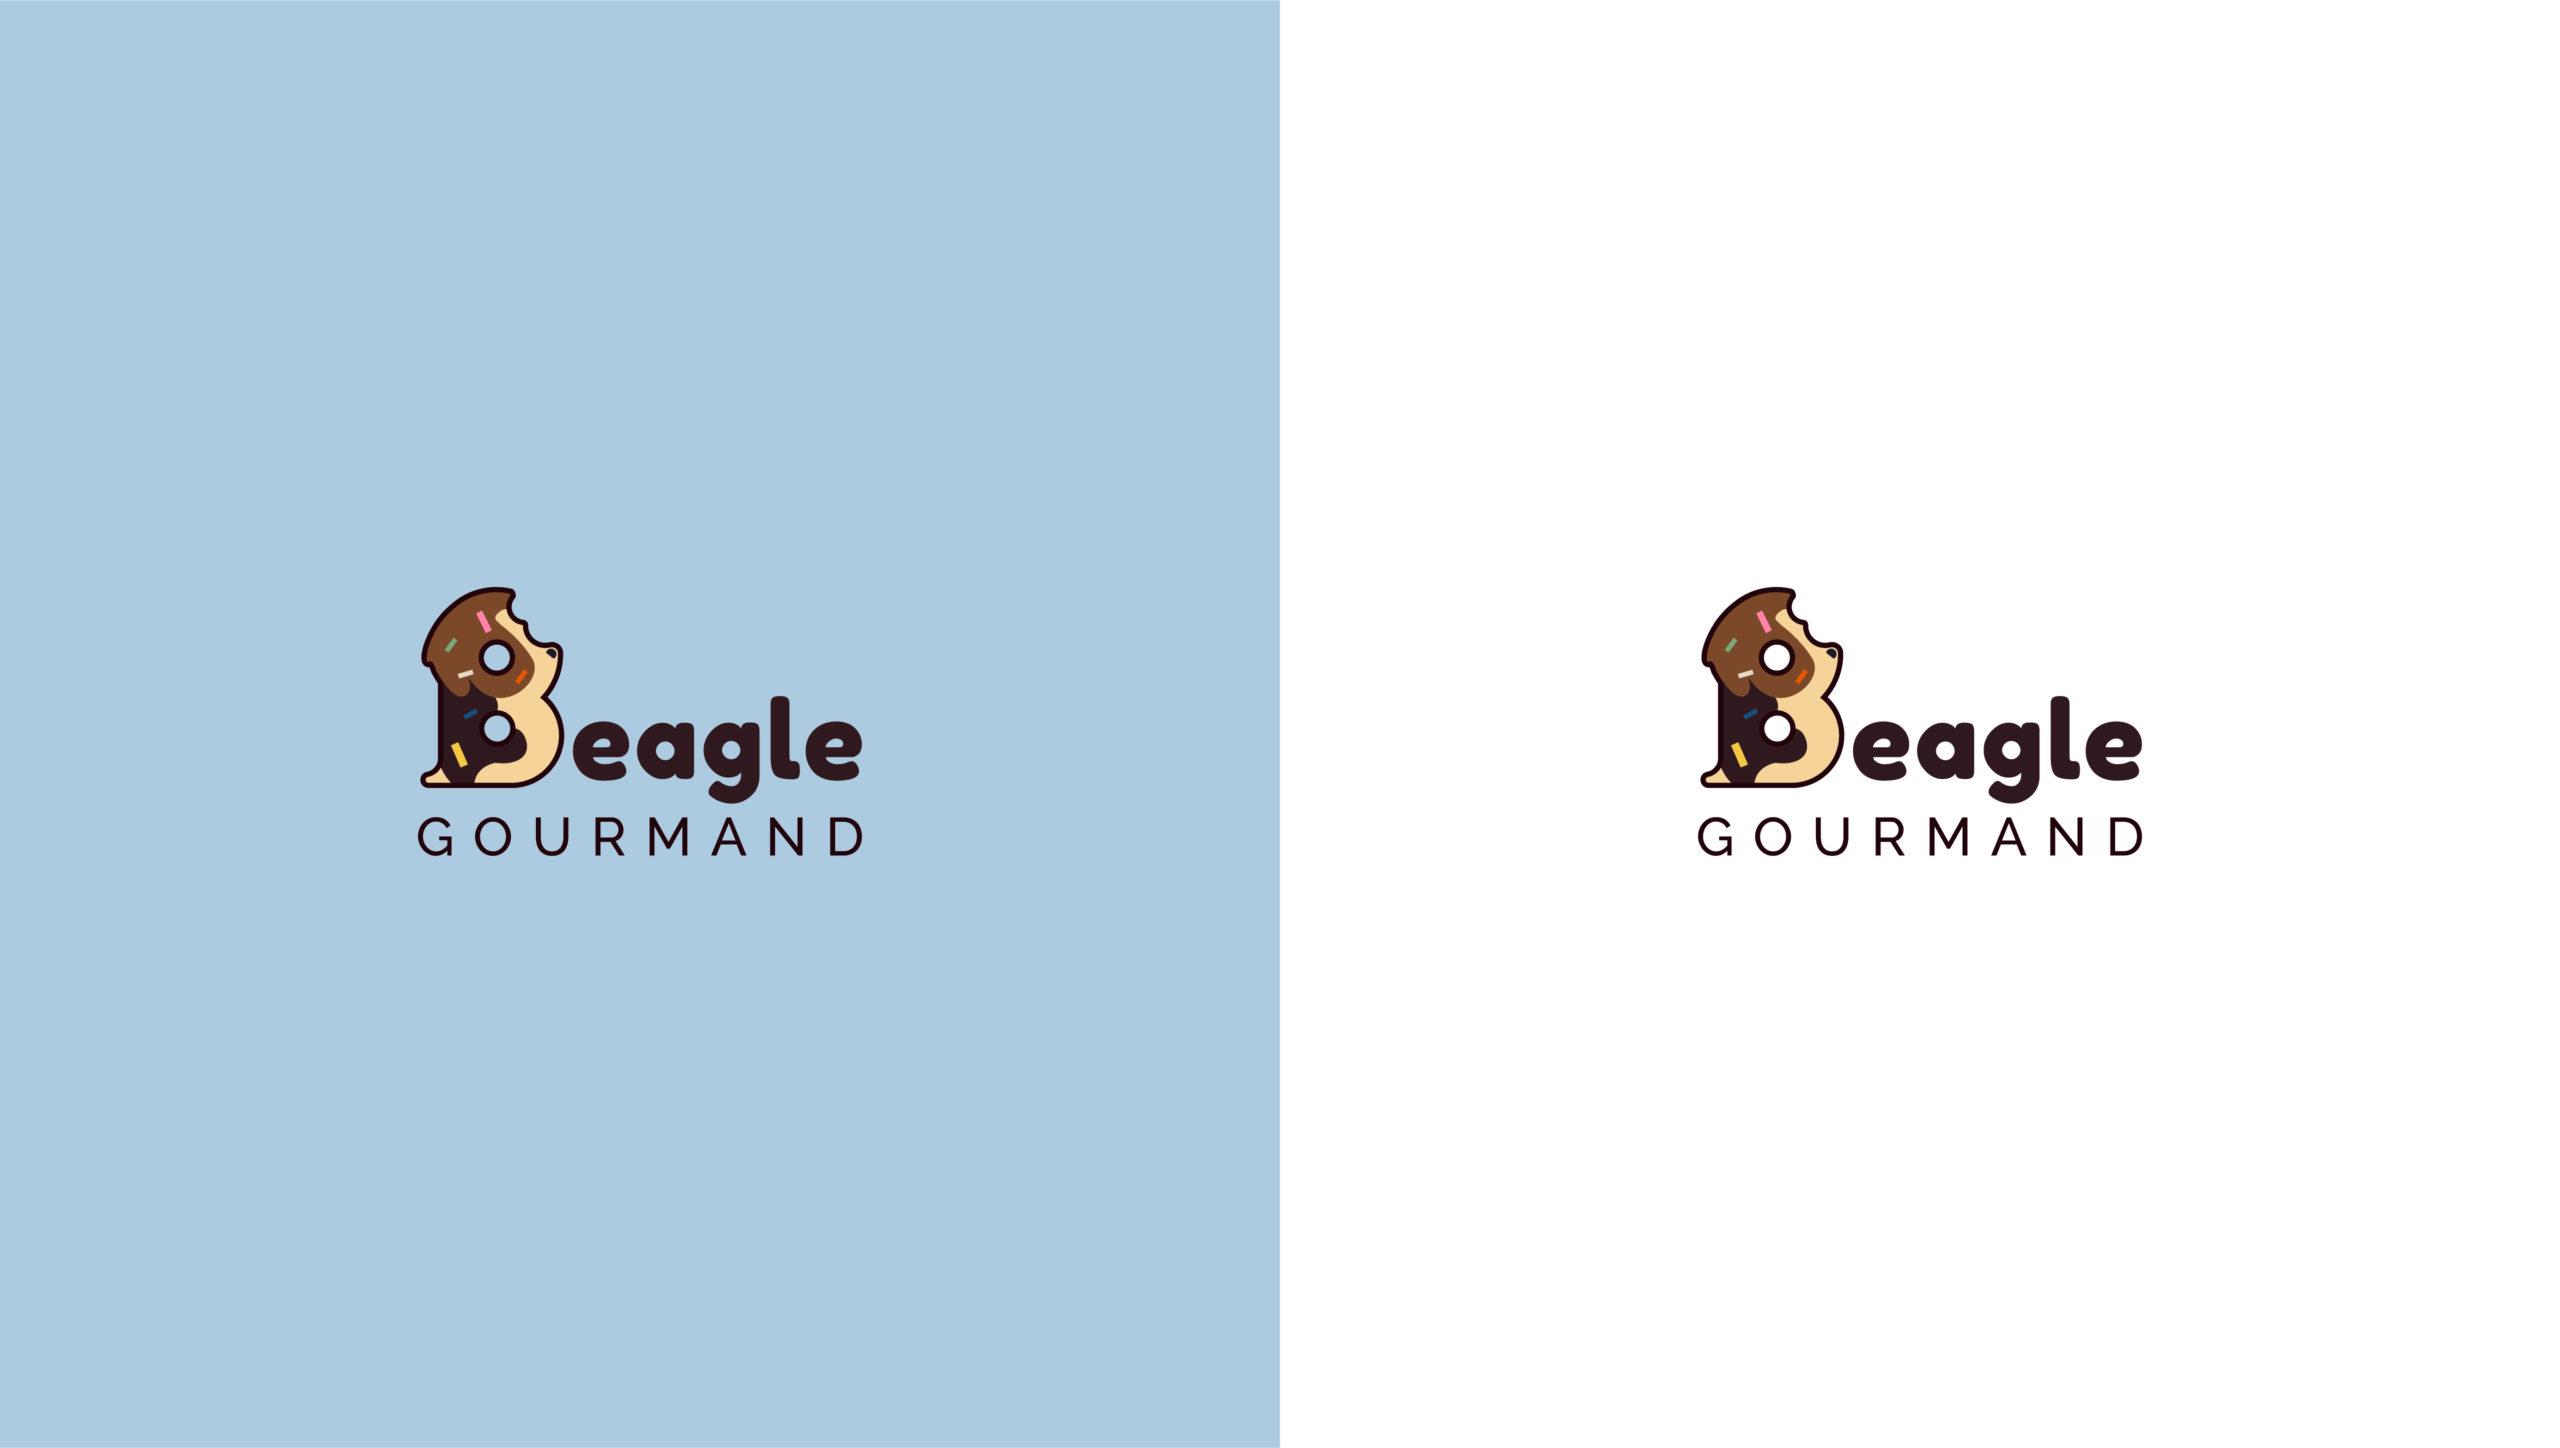 Mise_en_page_Beagle 3